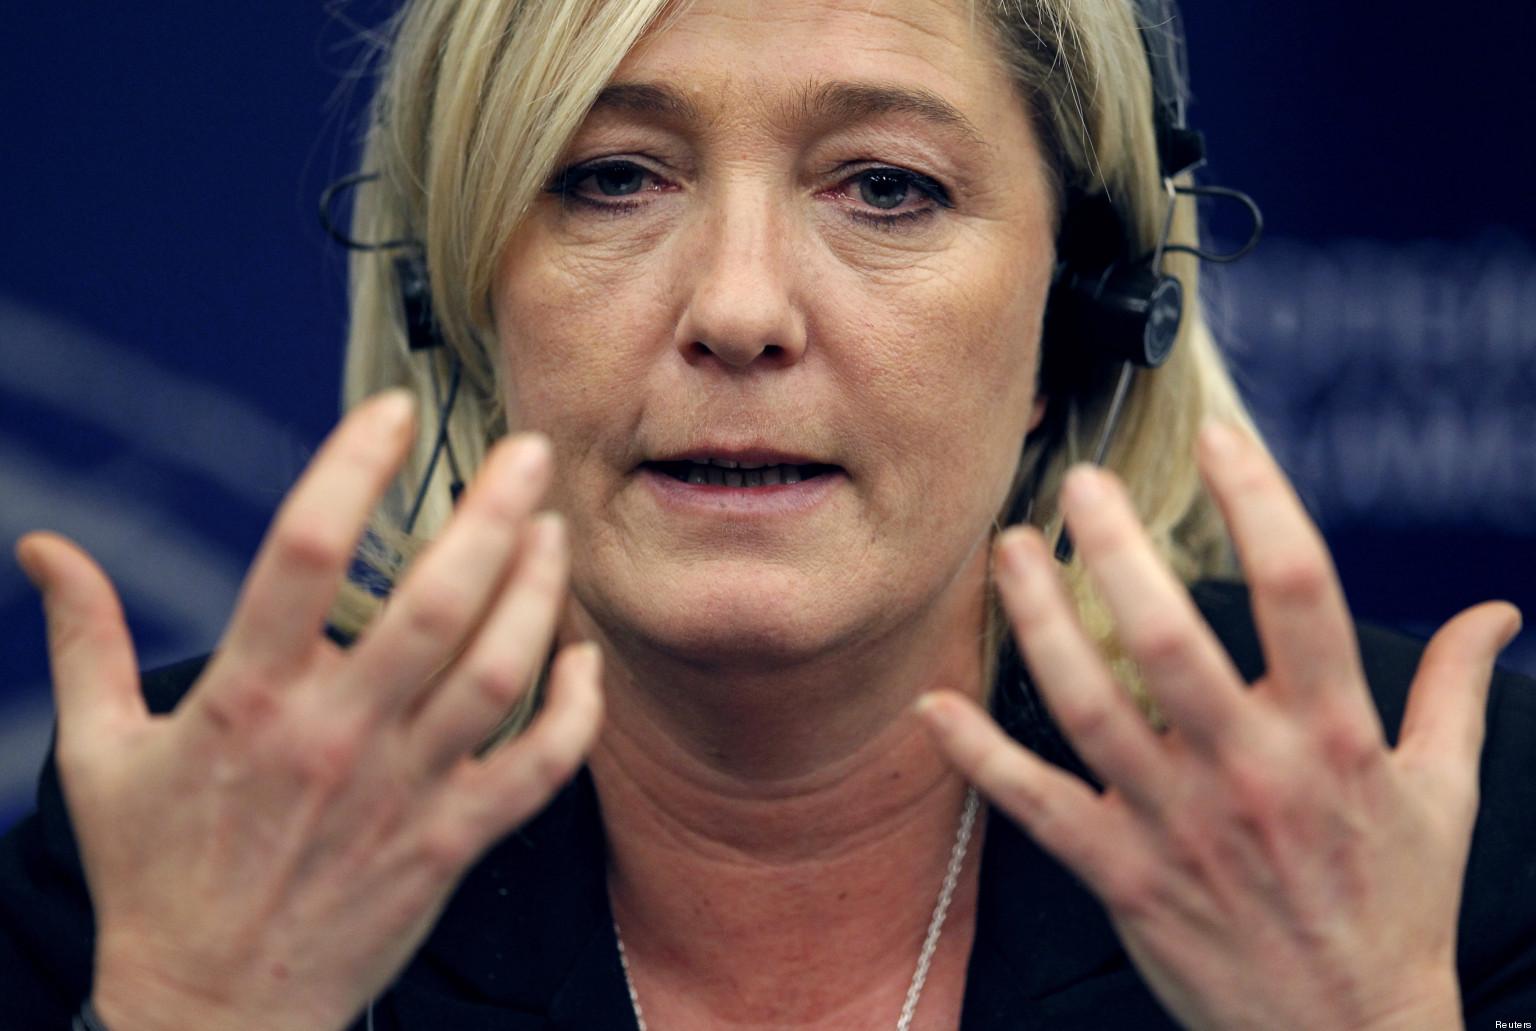 مارين لوبان تعتزم تحويل حزبها إلى قوة رئيسية للمعارضة